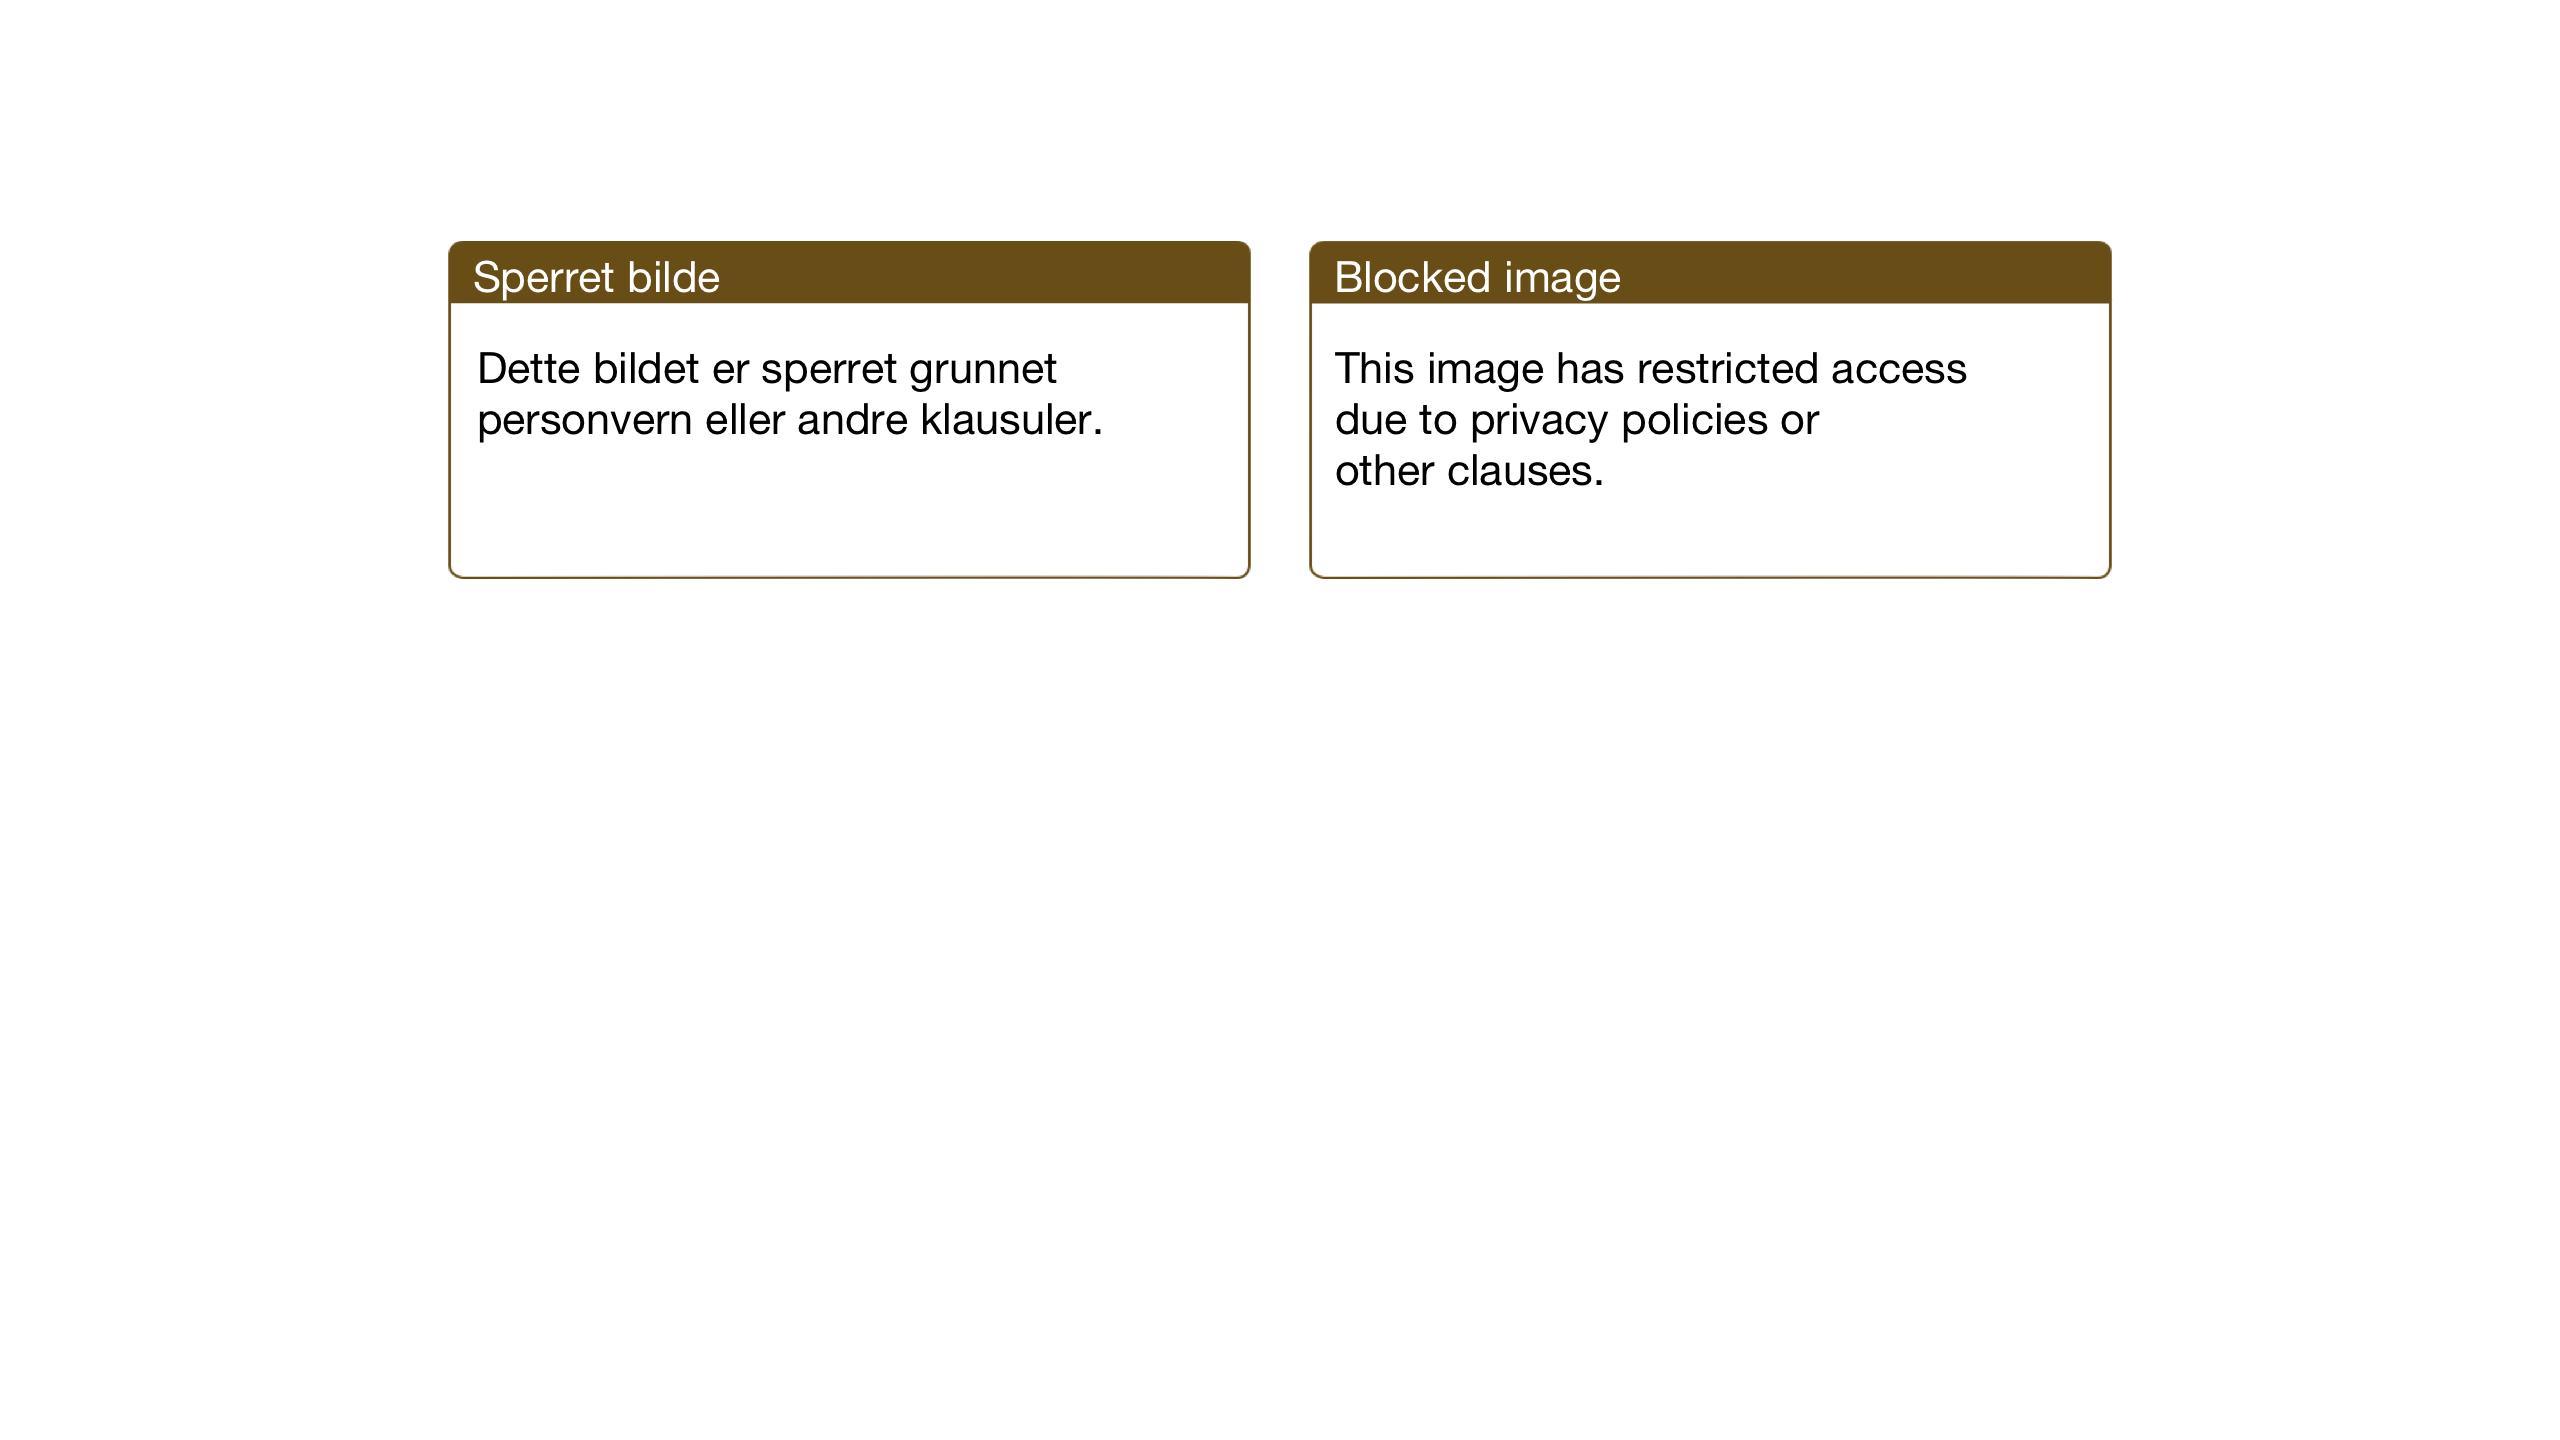 SAT, Ministerialprotokoller, klokkerbøker og fødselsregistre - Sør-Trøndelag, 681/L0944: Klokkerbok nr. 681C08, 1926-1954, s. 116